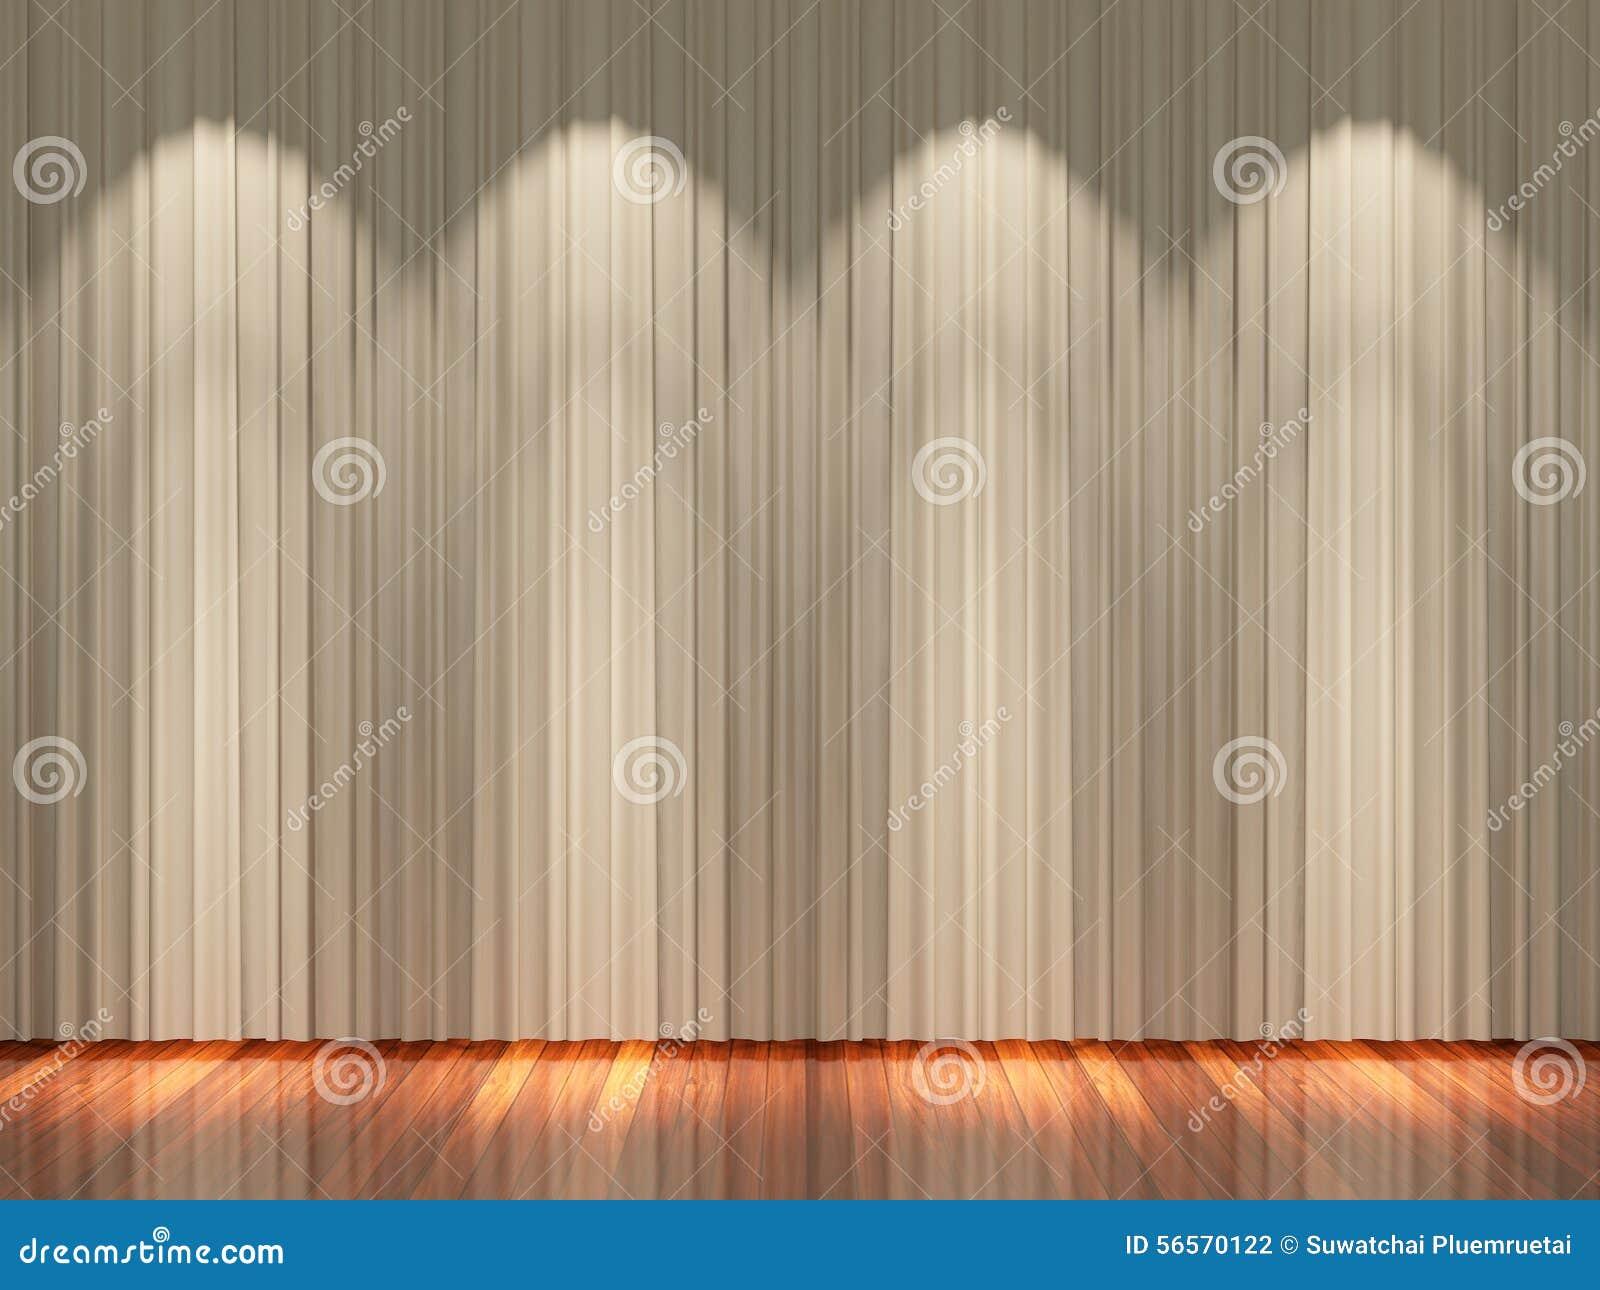 Download Στάδιο με τις ανοικτό καφέ κουρτίνες και το επίκεντρο Στοκ Εικόνες - εικόνα από ανασκόπησης, όπερα: 56570122